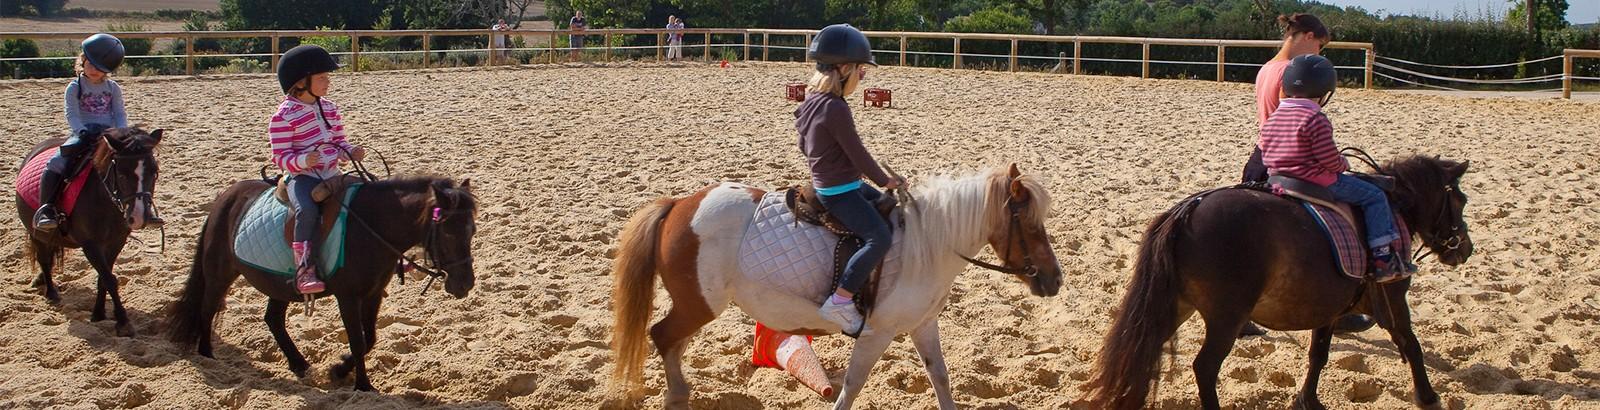 Paardrijlessen en ponyrijden